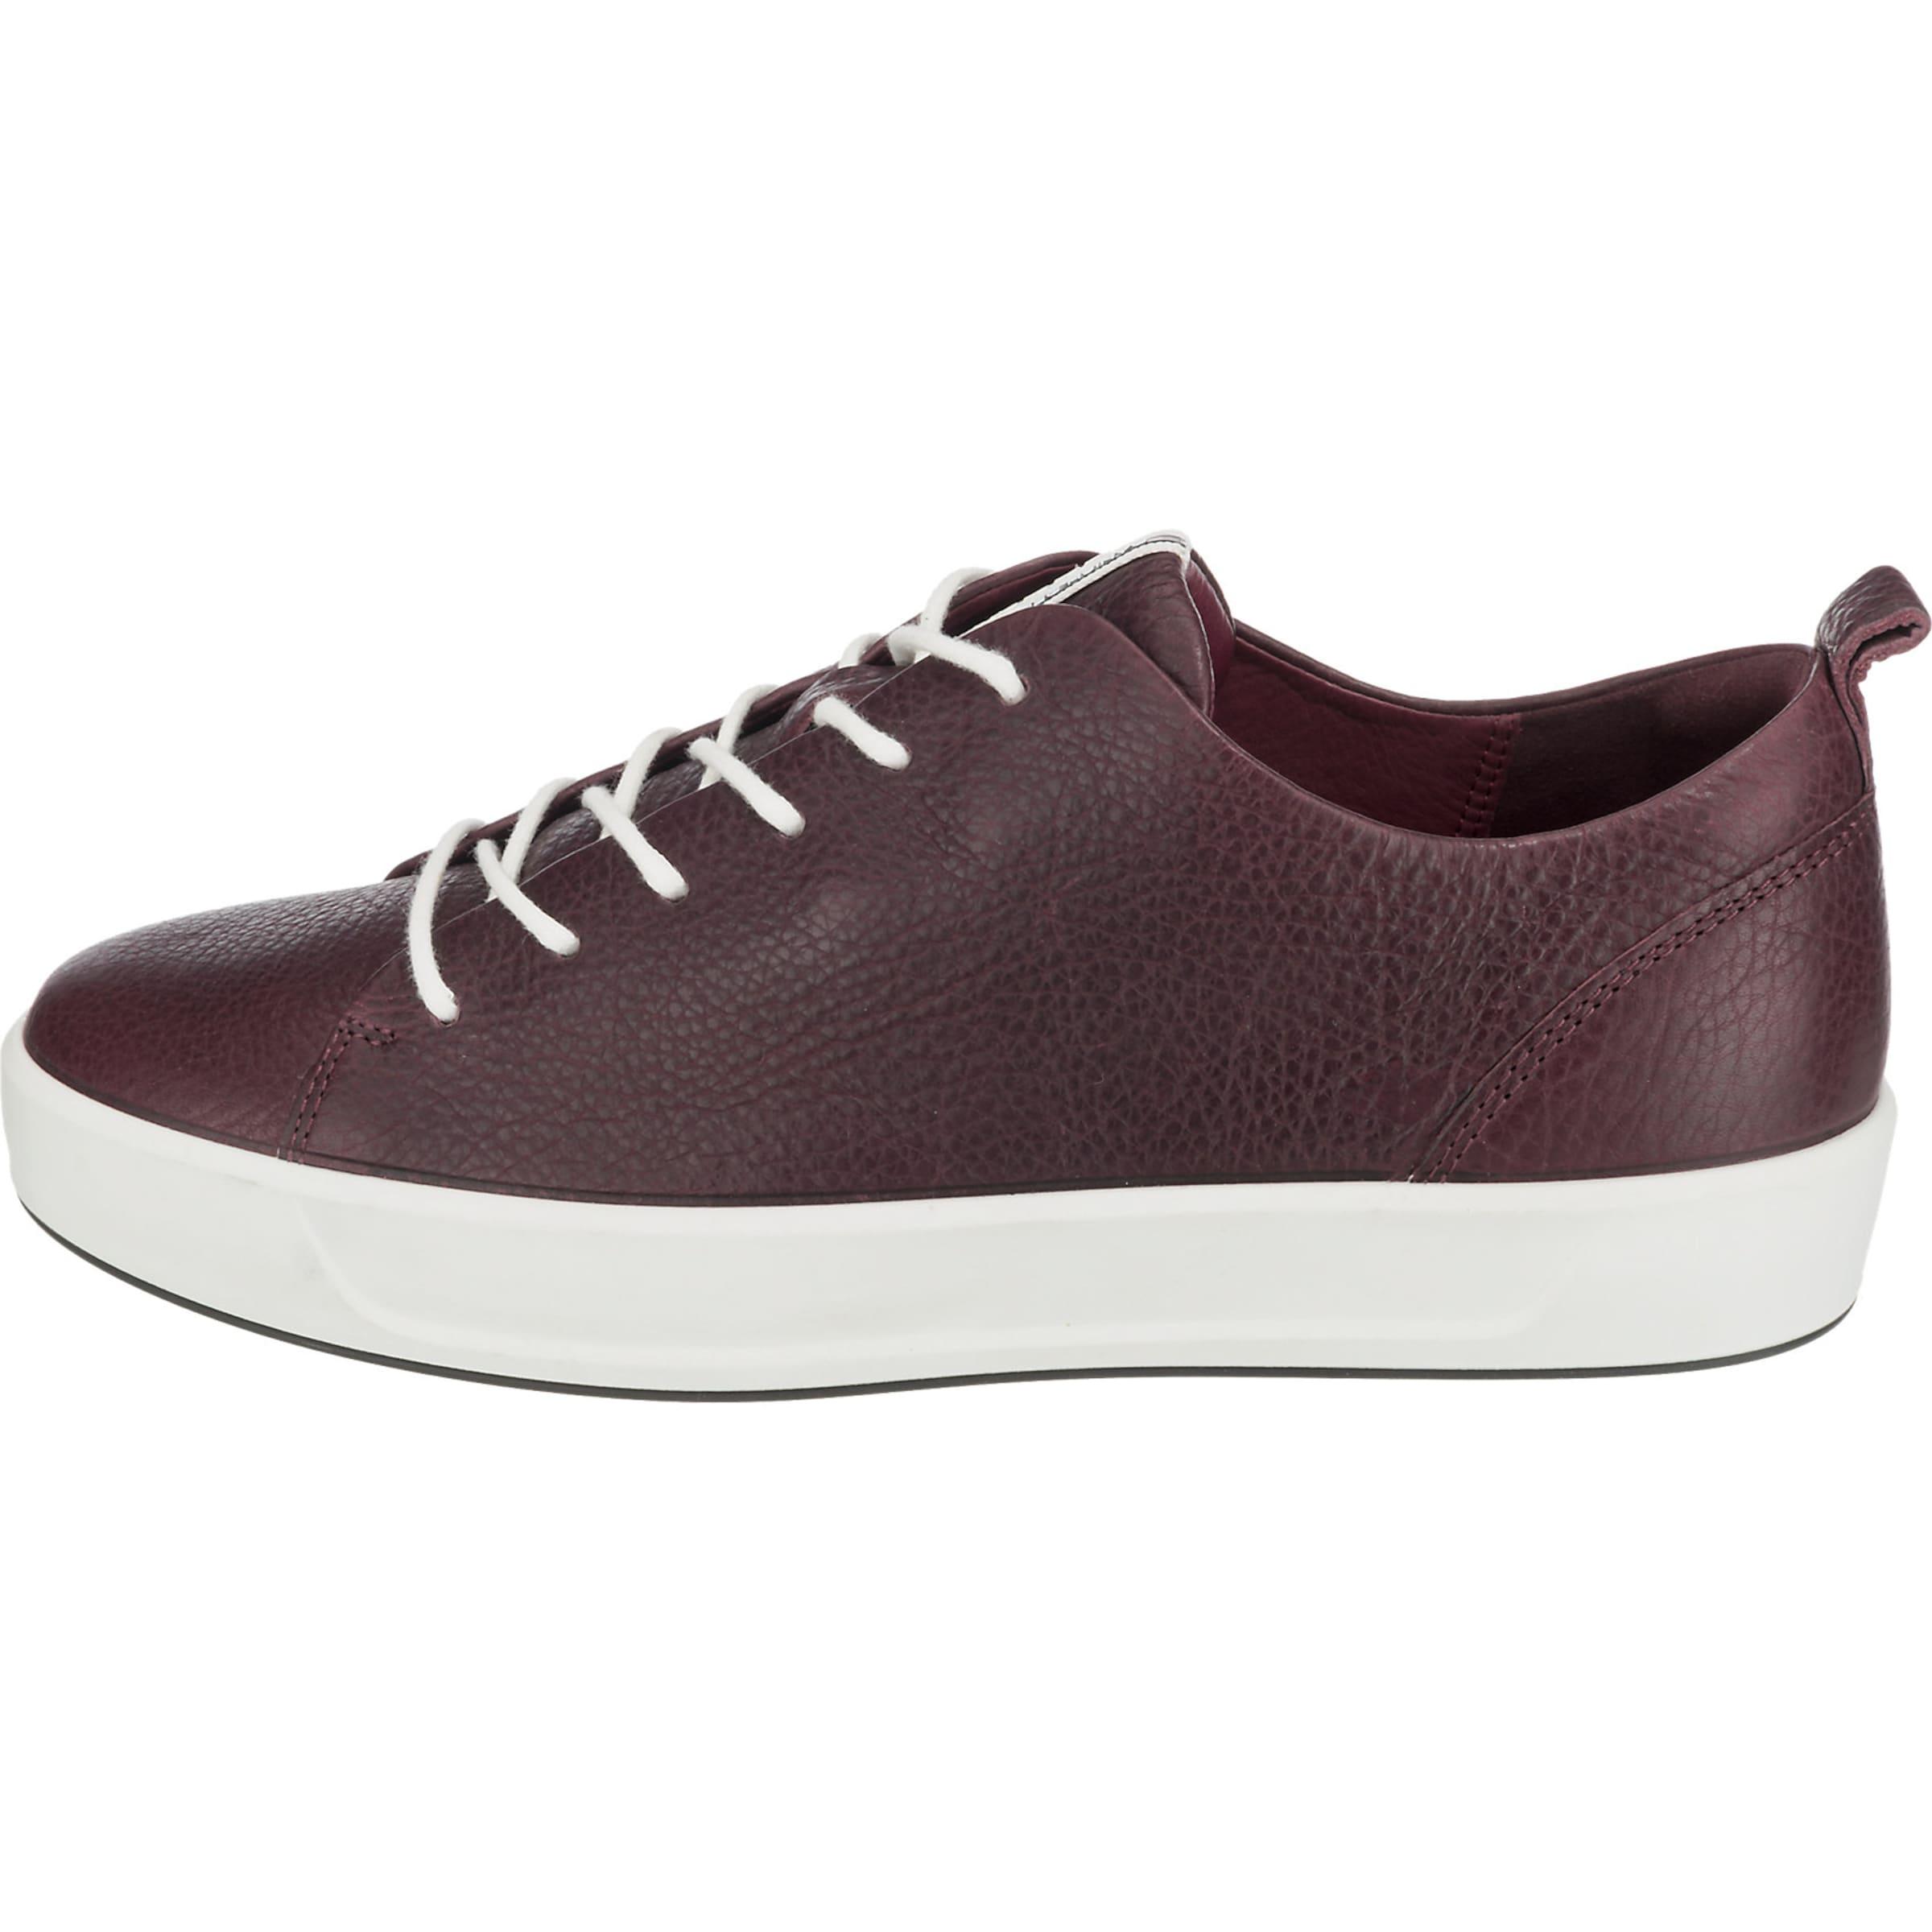 ECCO Sneakers 'Soft 8' Vorbestellung Für Verkauf Manchester Große Online-Verkauf tAEecIHIh